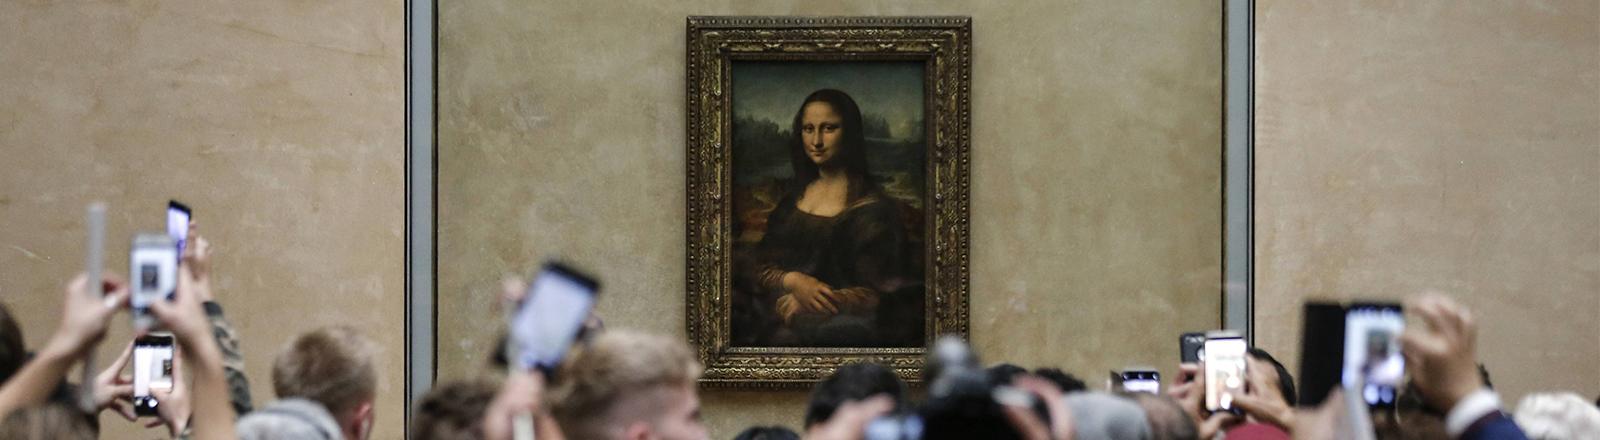 Das Gemälde der Mona Lisa im Louvre